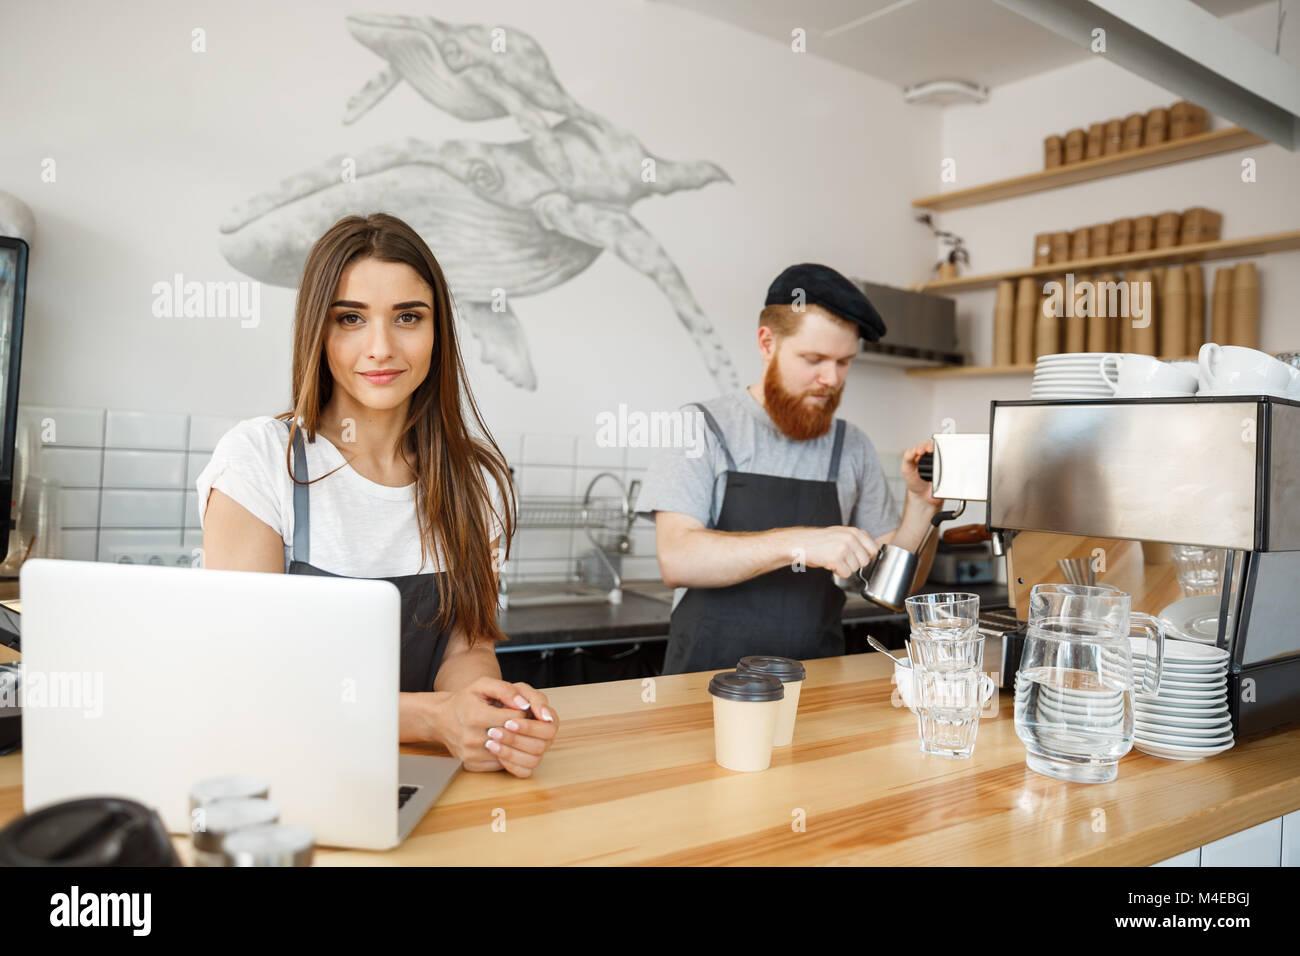 Caffè il concetto di Business - Positivo giovane uomo barbuto e bella attraente dama barista giovane amano lavorare Foto Stock